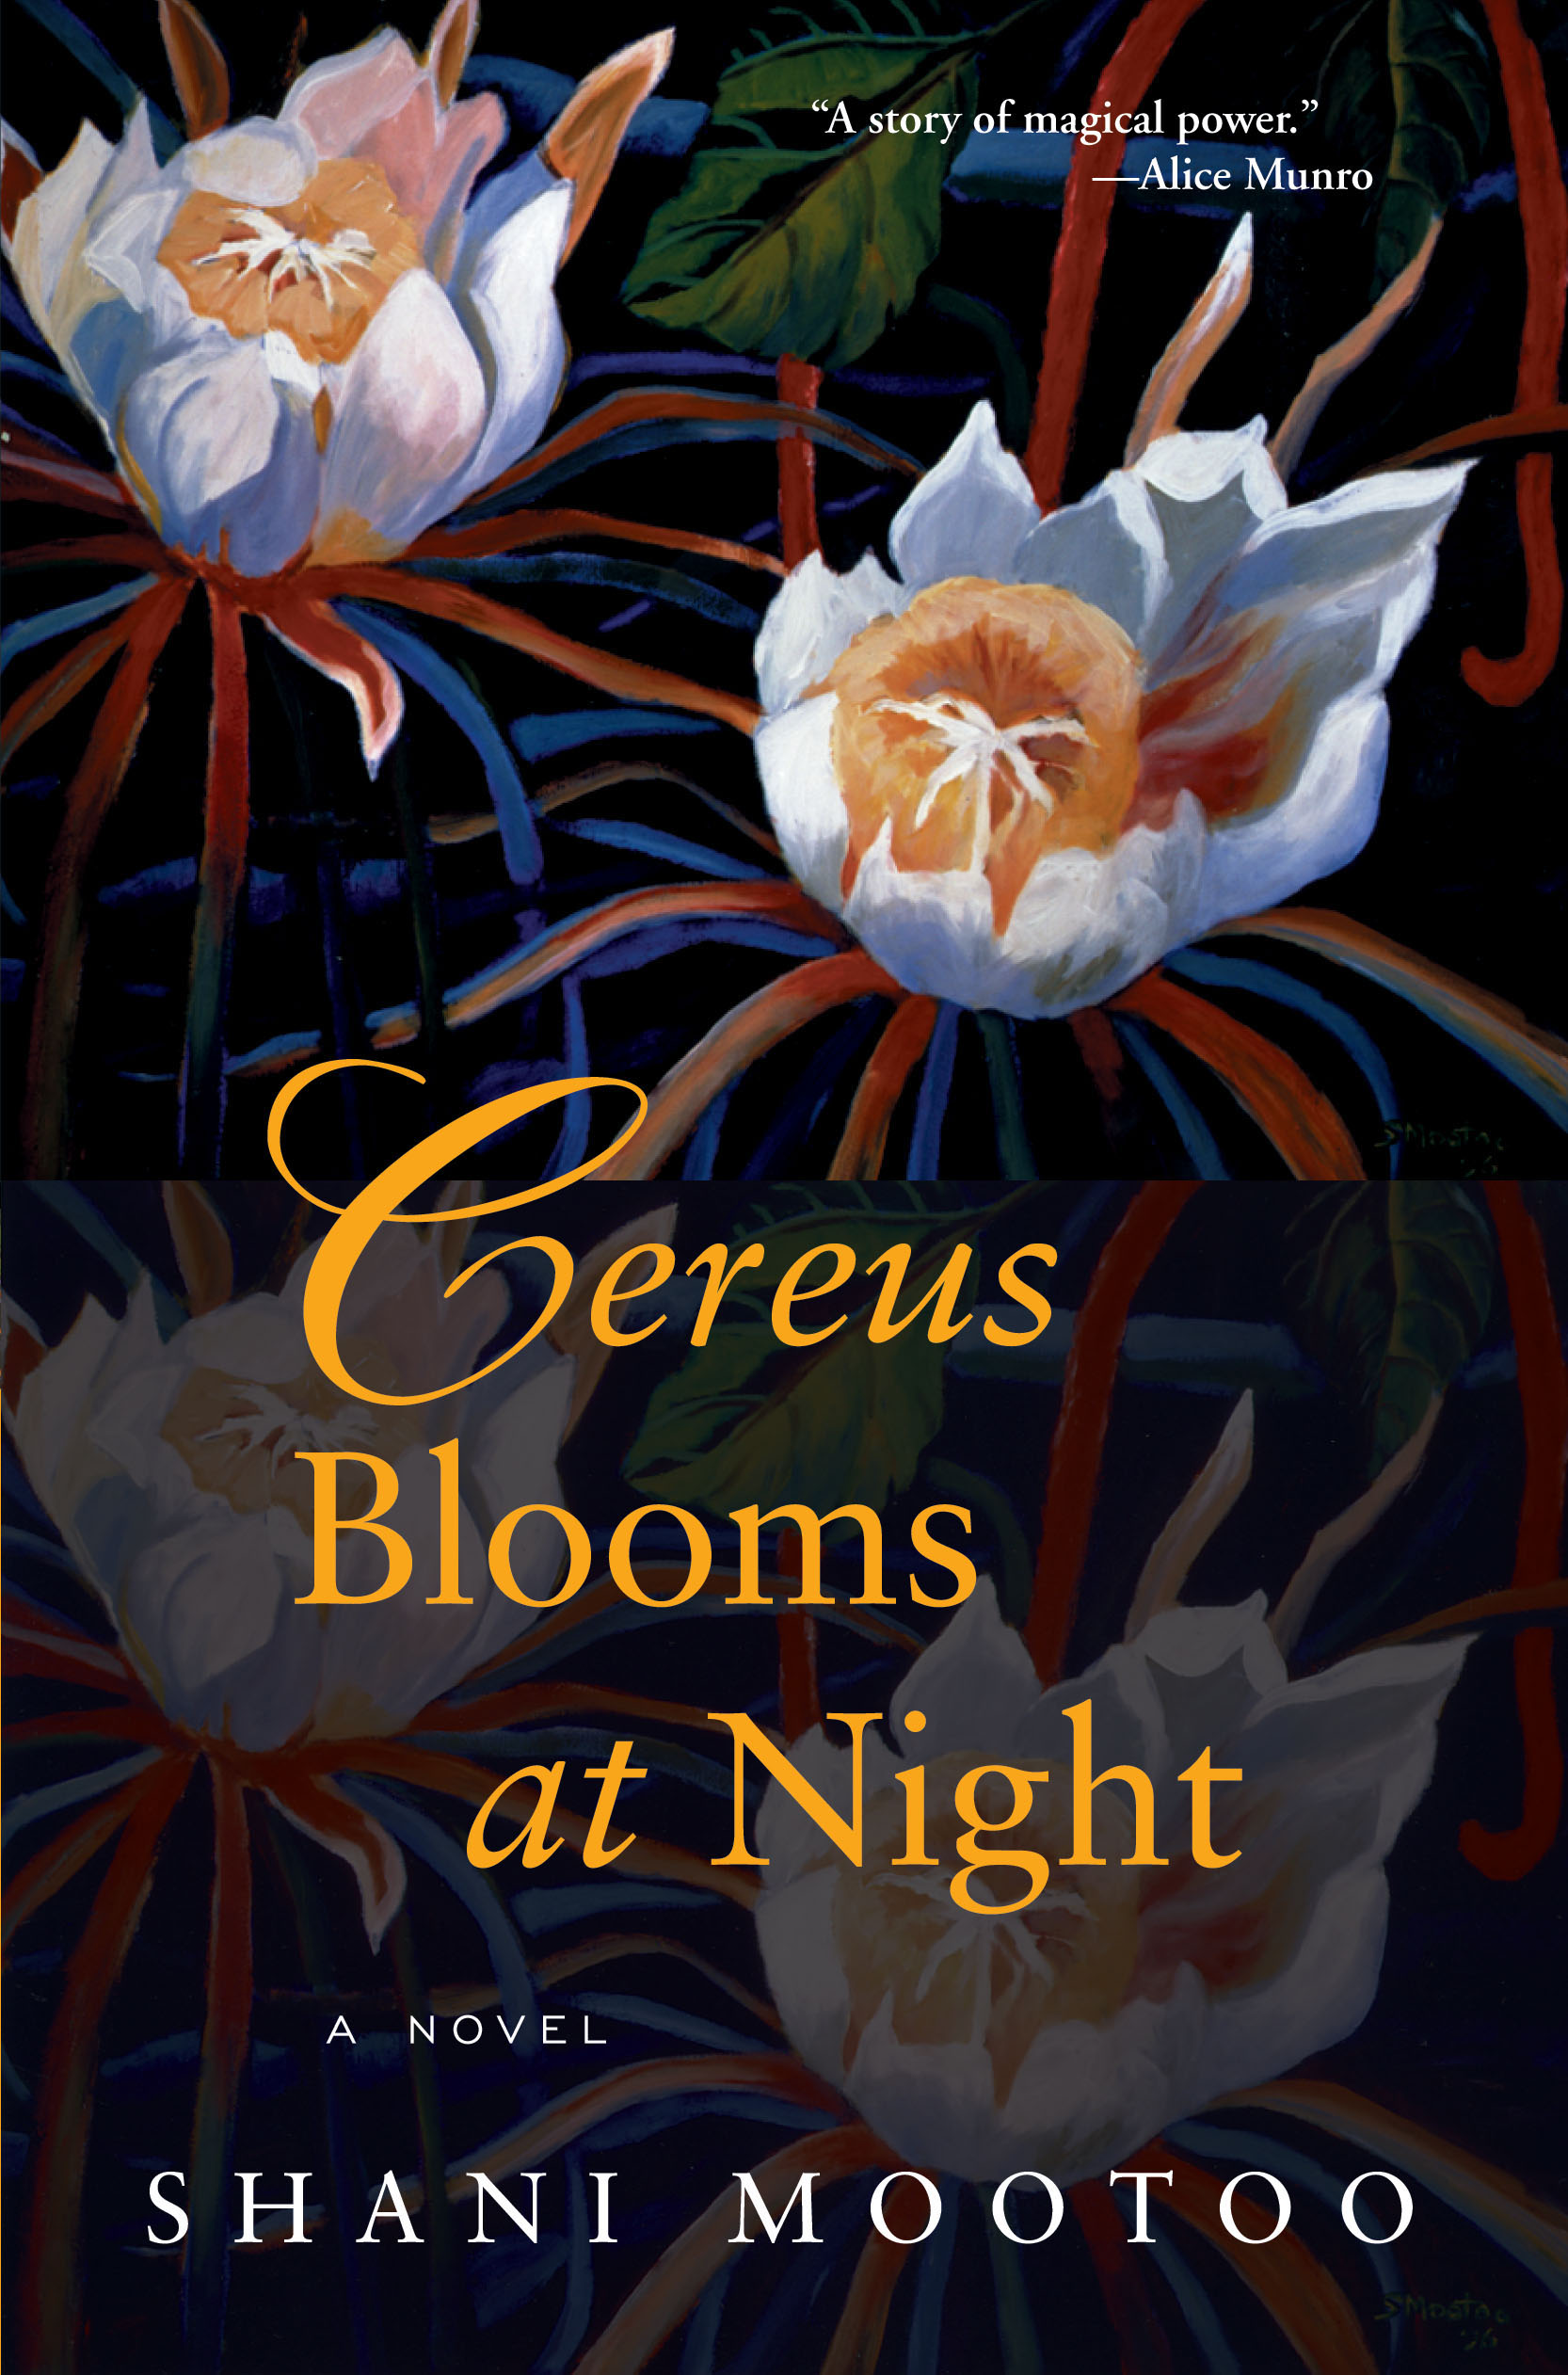 Cereus Blooms At Night Grove Atlantic